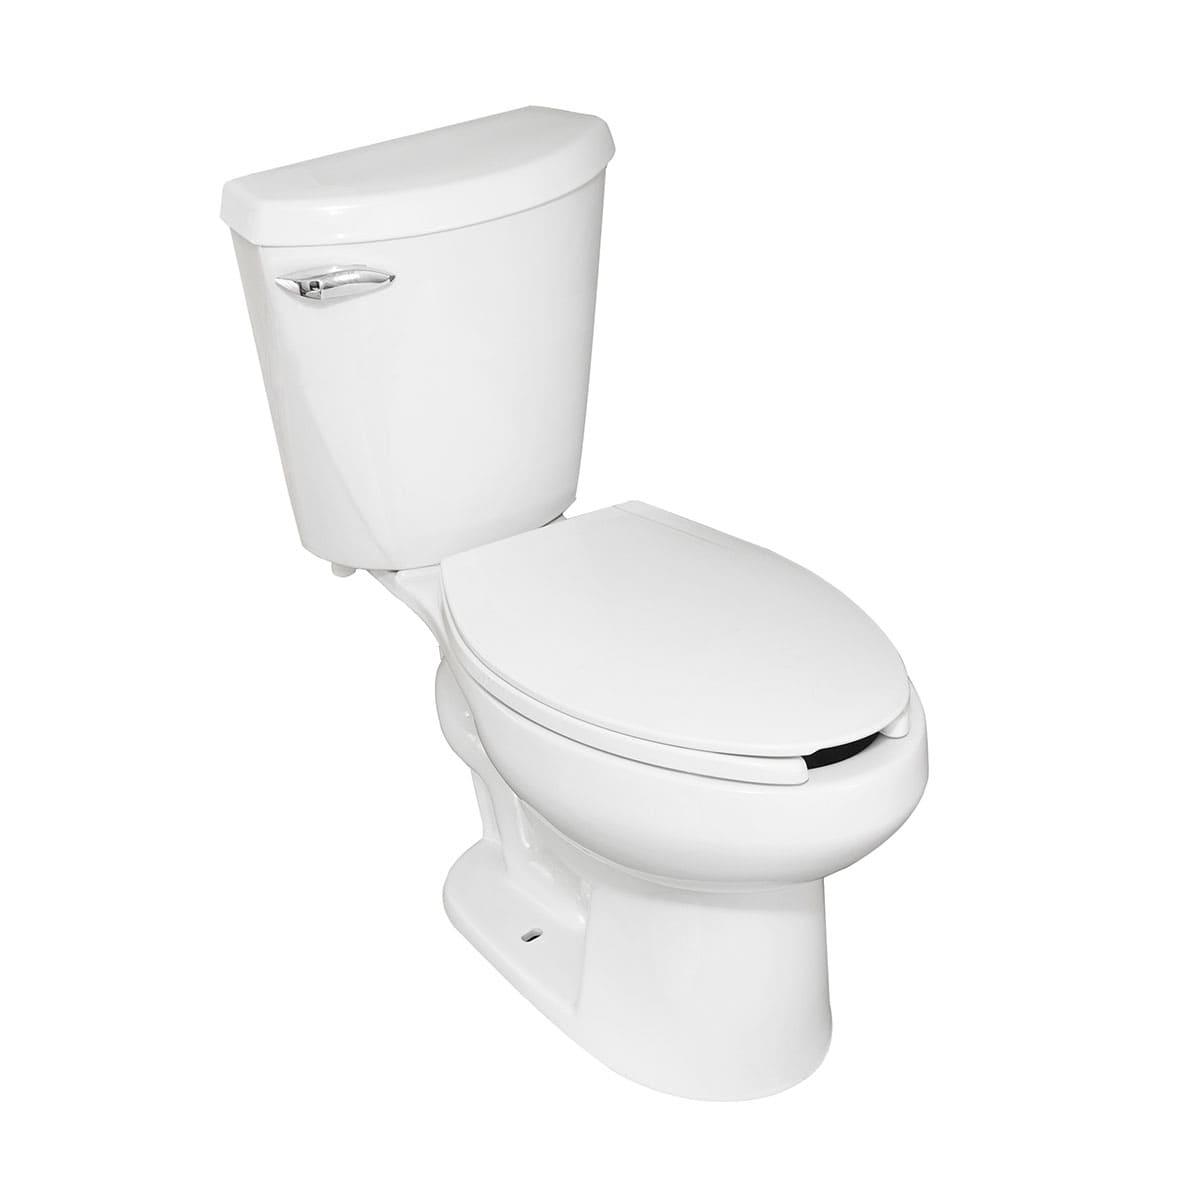 wc-austral-l-2p